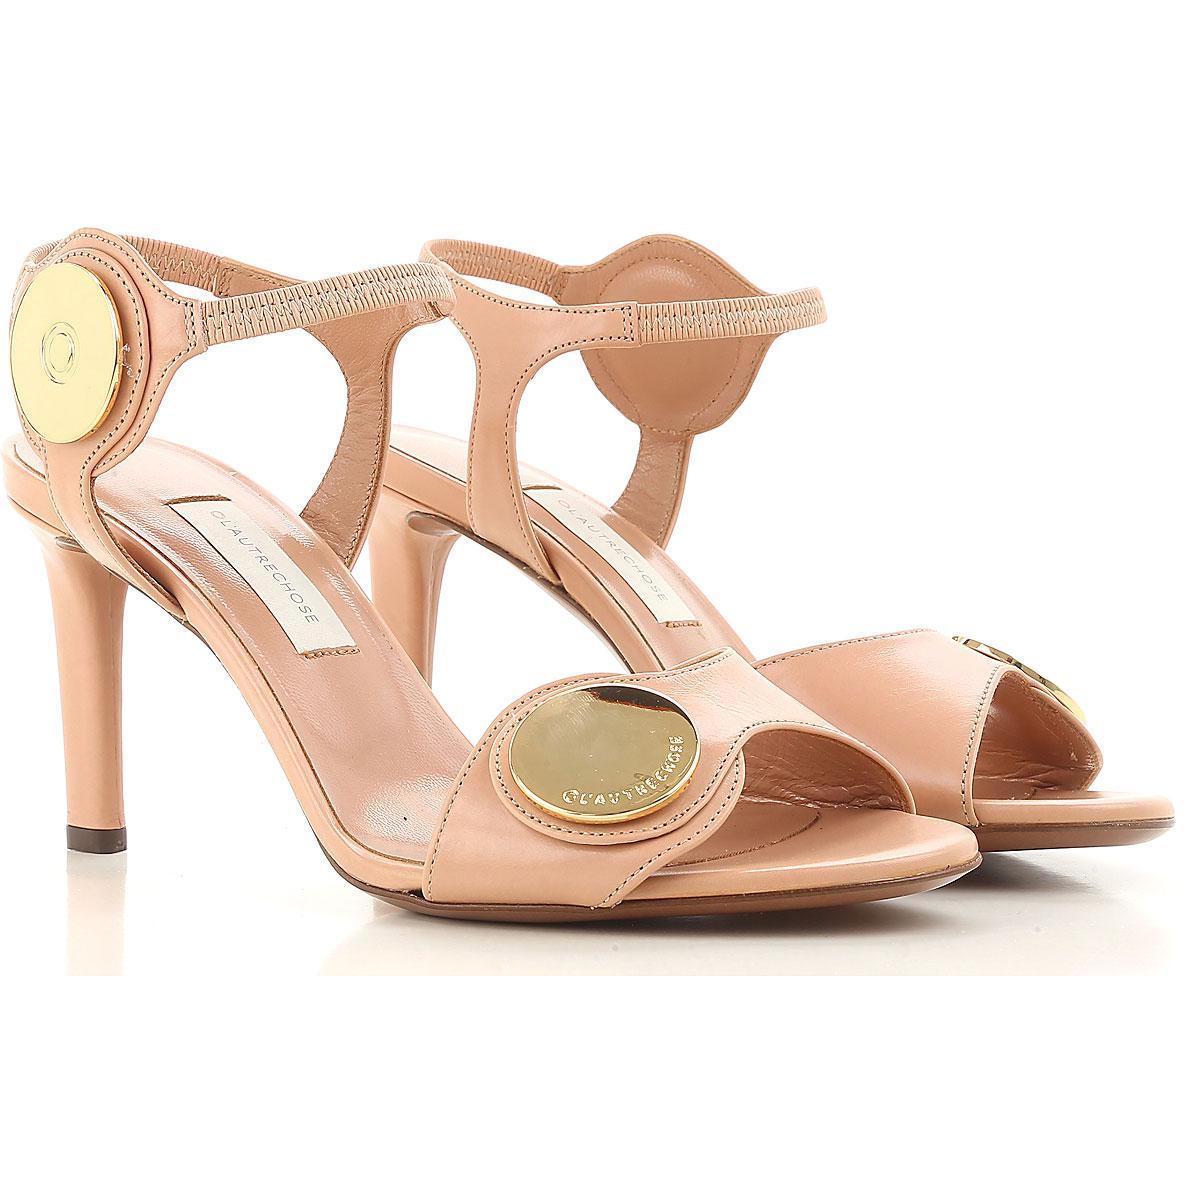 480a6444abe L Autre Chose Shoes For Women - Lyst